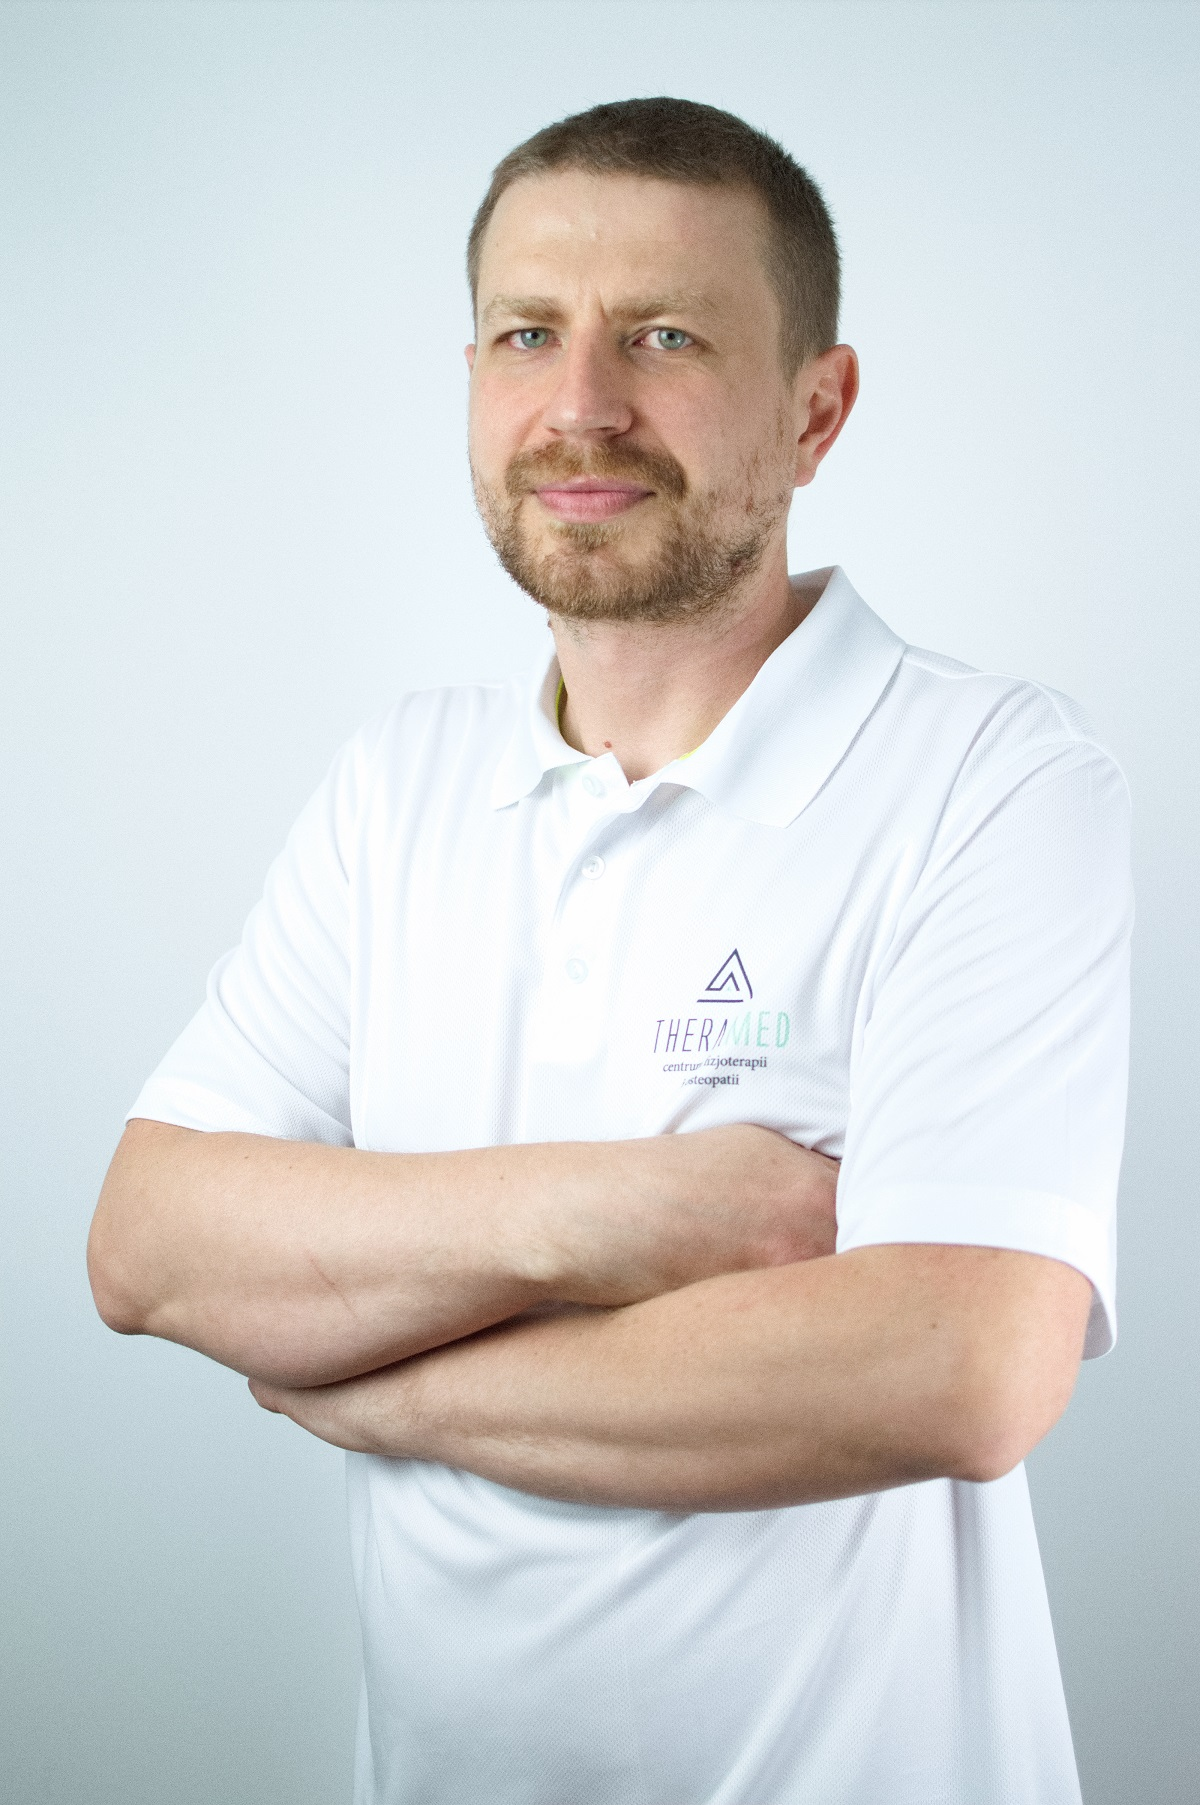 Andrzej Nurzyński